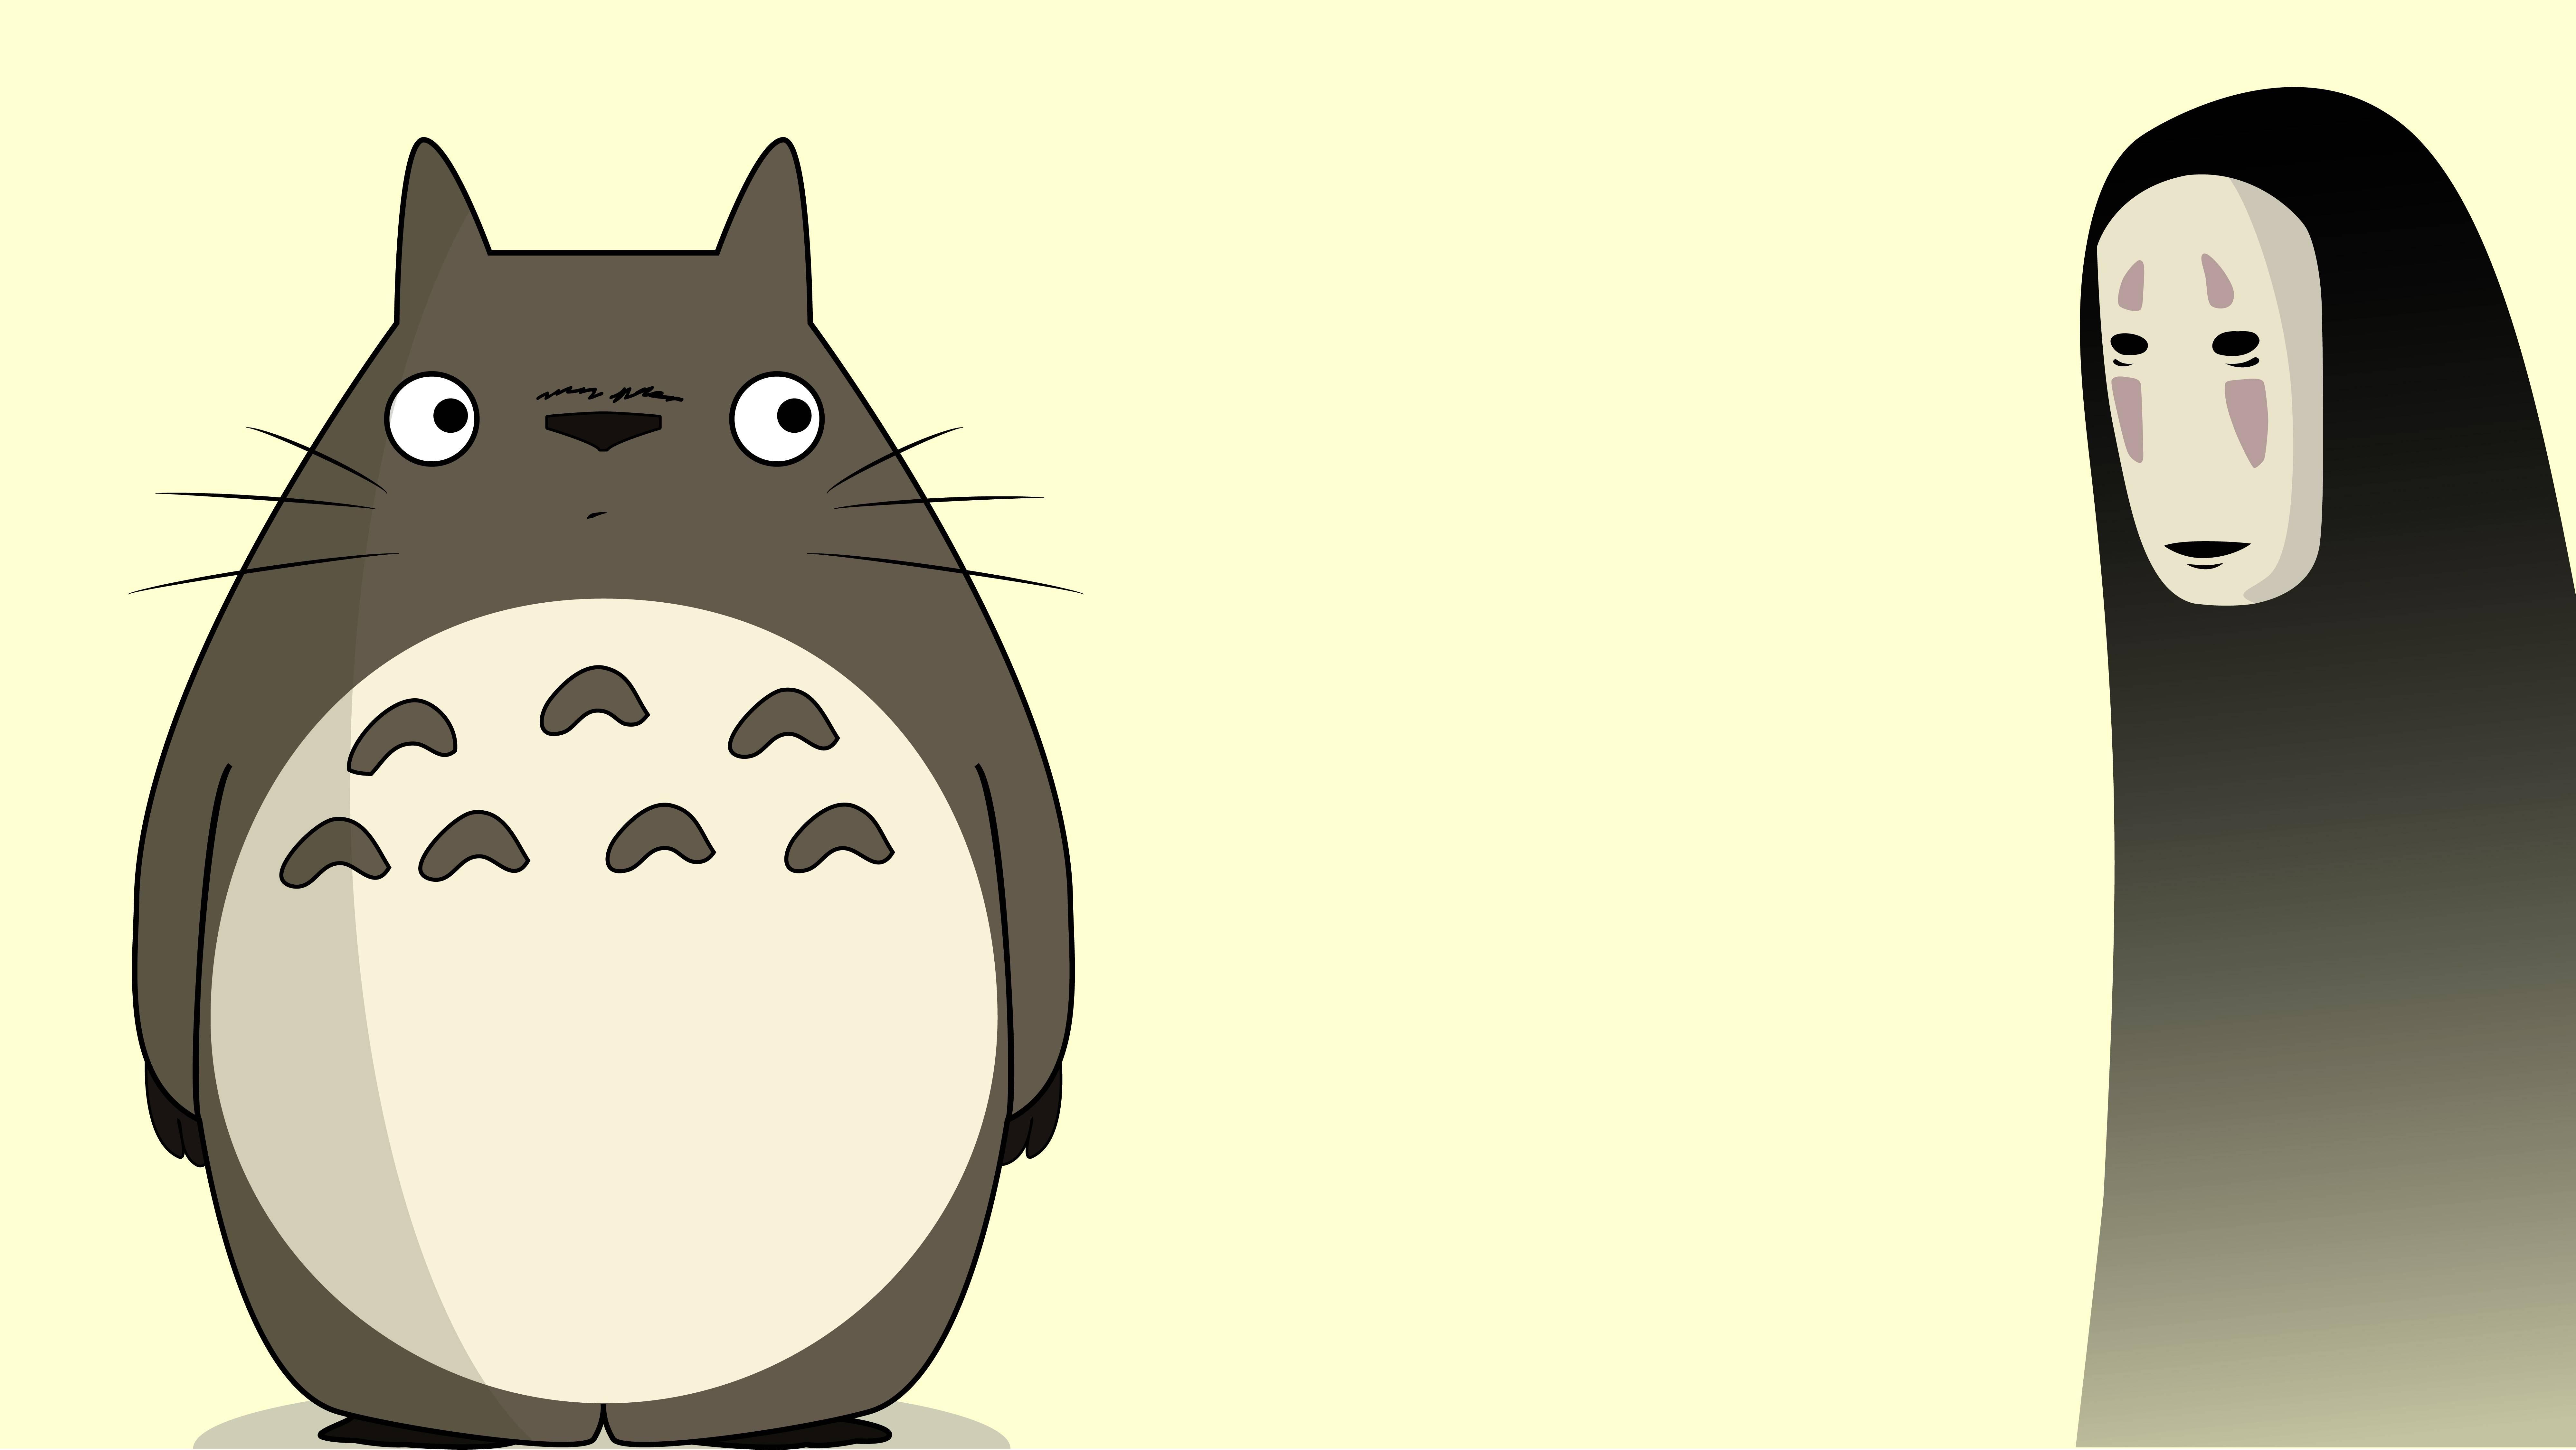 Fondos de pantalla Anime Totoro y Kaonashi (No-Face) de El viaje de Chihiro